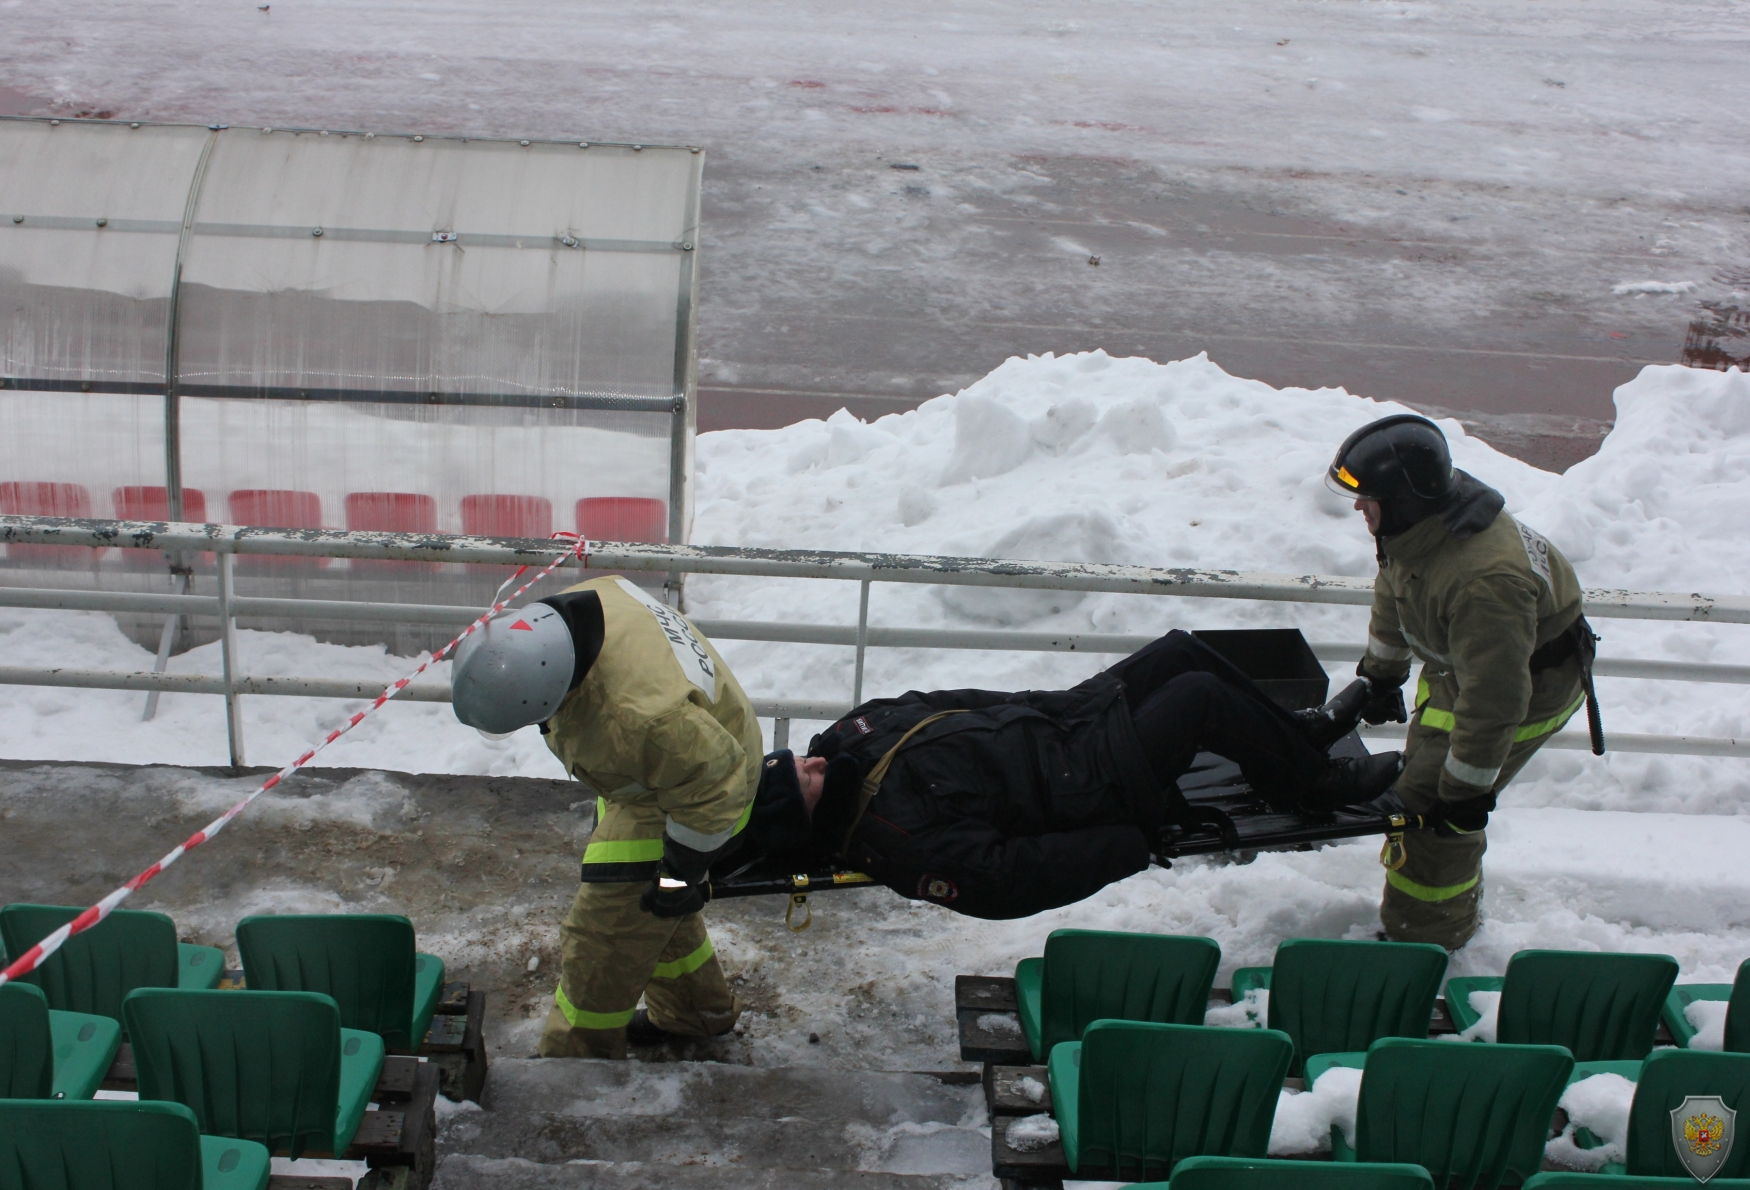 Группа ликвидации последствий террористического акта совместно с группой медицинского обеспечения эвакуирует «пострадавших»